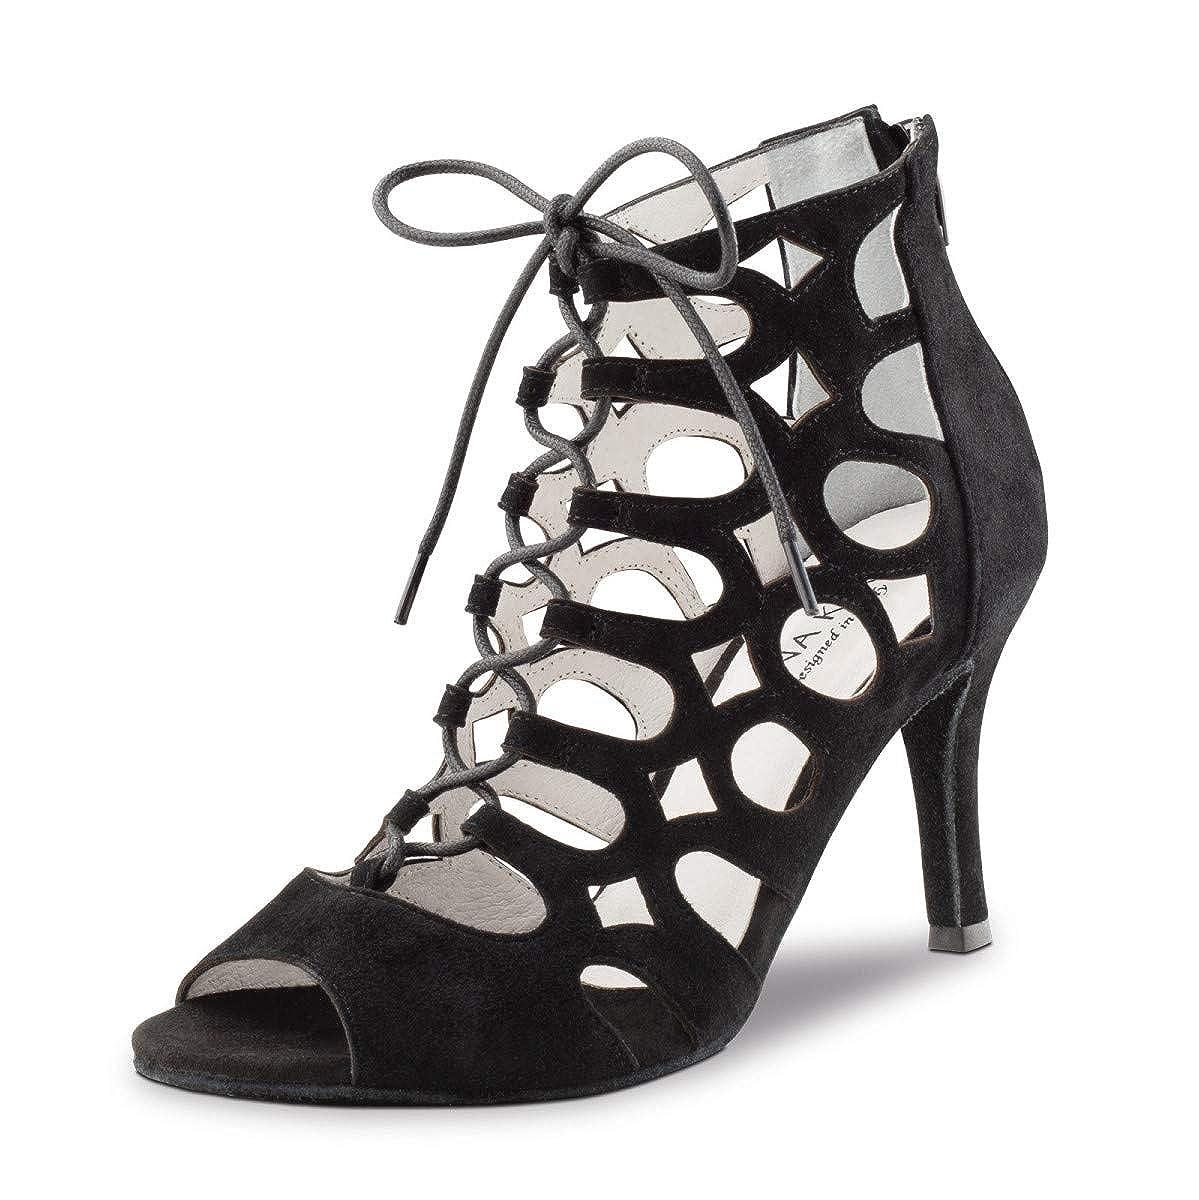 Anna Kern Femmes Chaussures de Danse 835-75 - Suéde Noir - 7,5 cm Stiletto